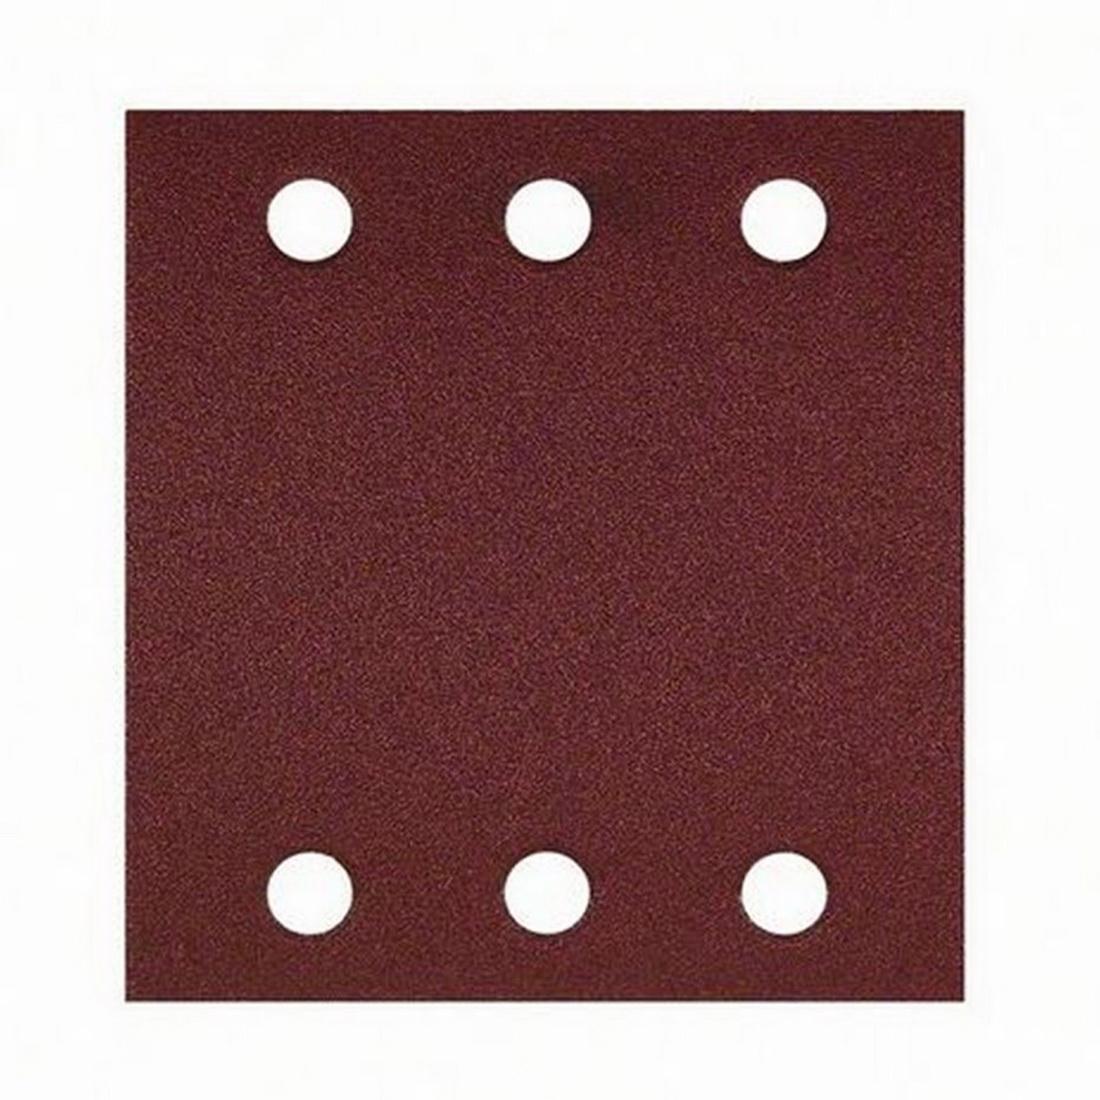 6-Hole Random Orbital Sanding Sheet For Wood 107 x 115mm 40 Grit 10 pack 2608607455